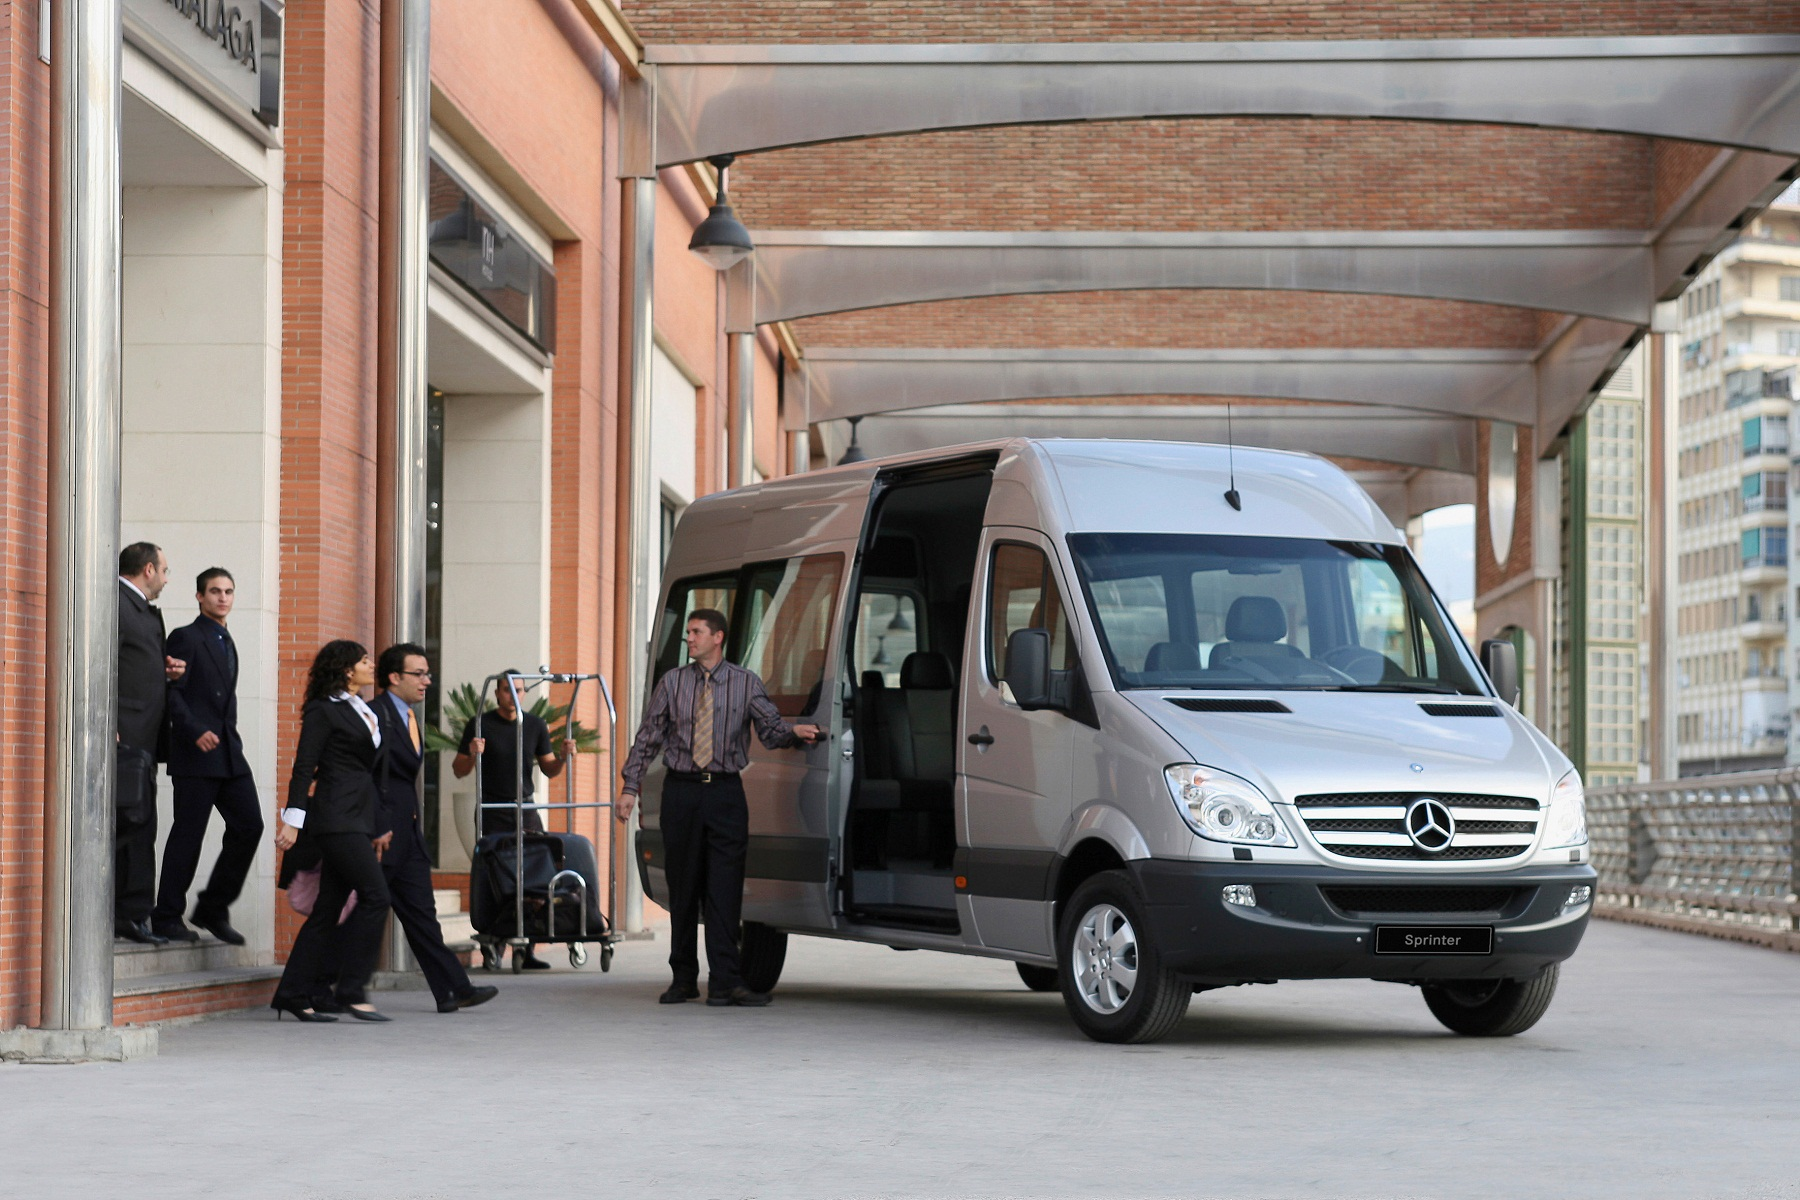 Com Sprinter, Mercedes-Benz oferece maior portfólio de veículos para transportes de passageiros